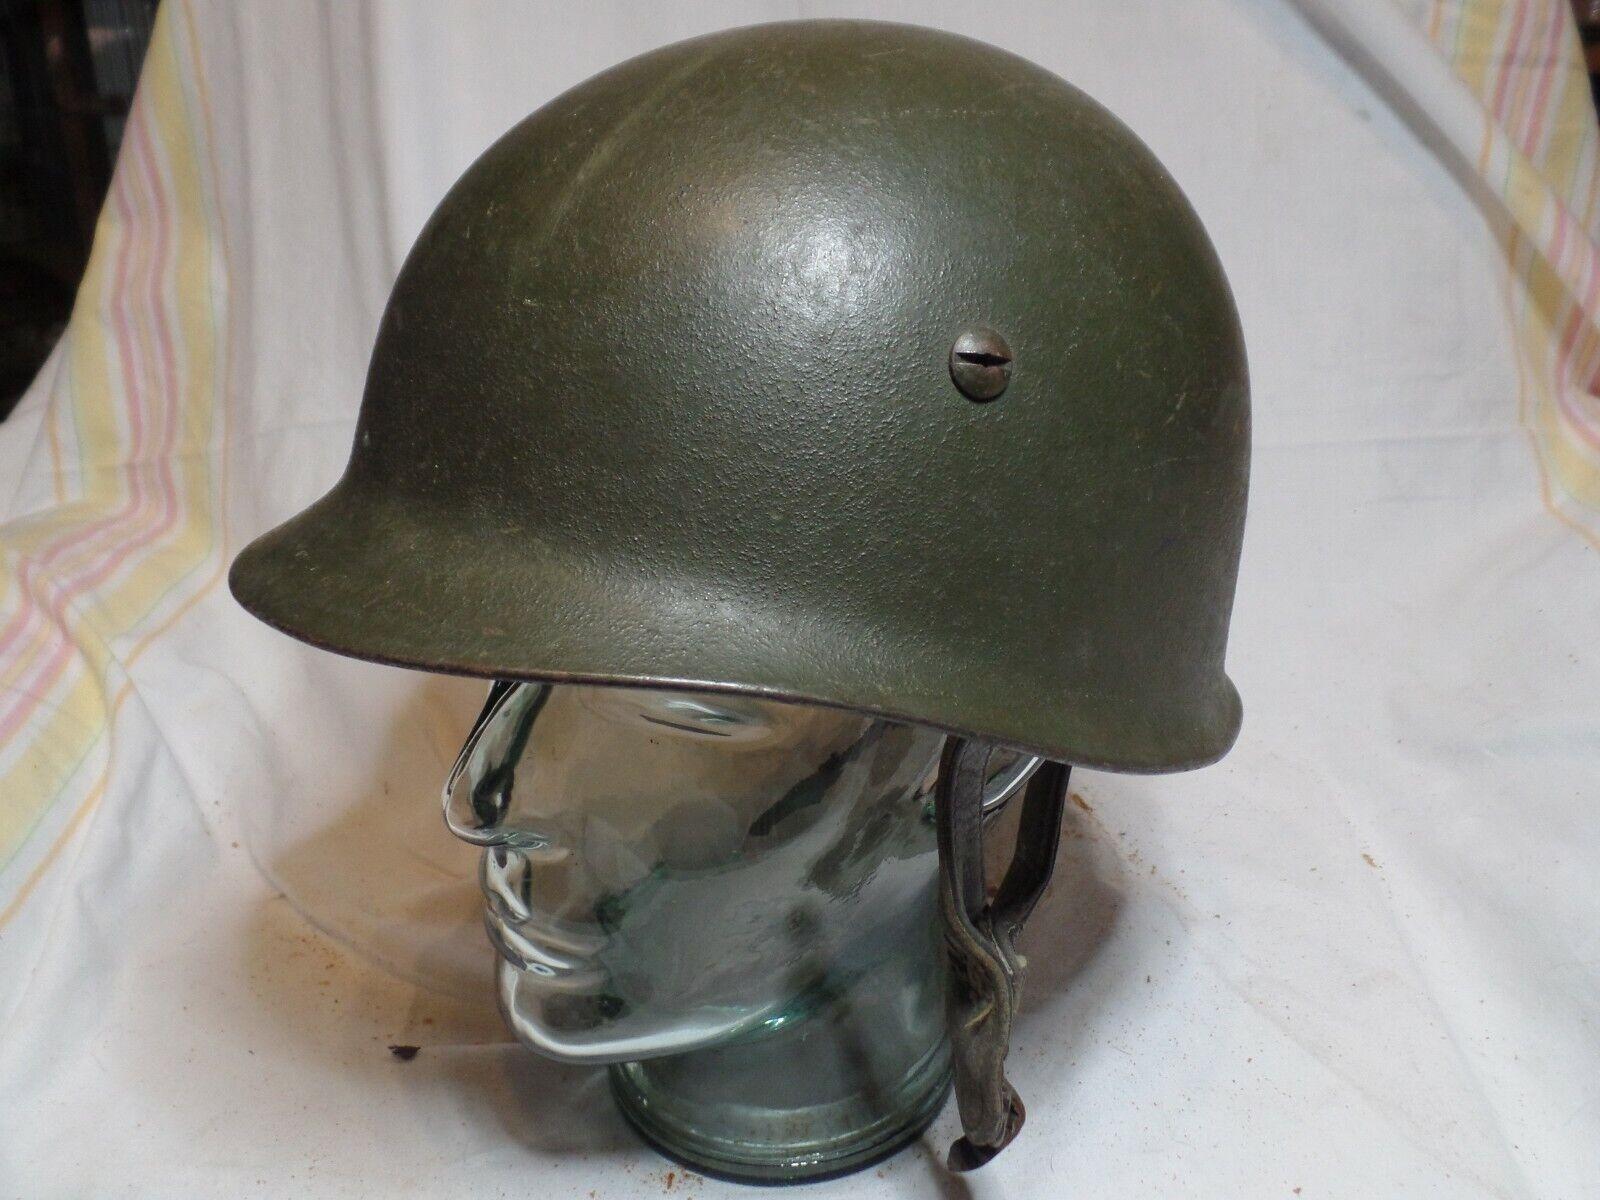 Bild 1 - Stahlhelm Bundeswehr  1A1 1964 (48)